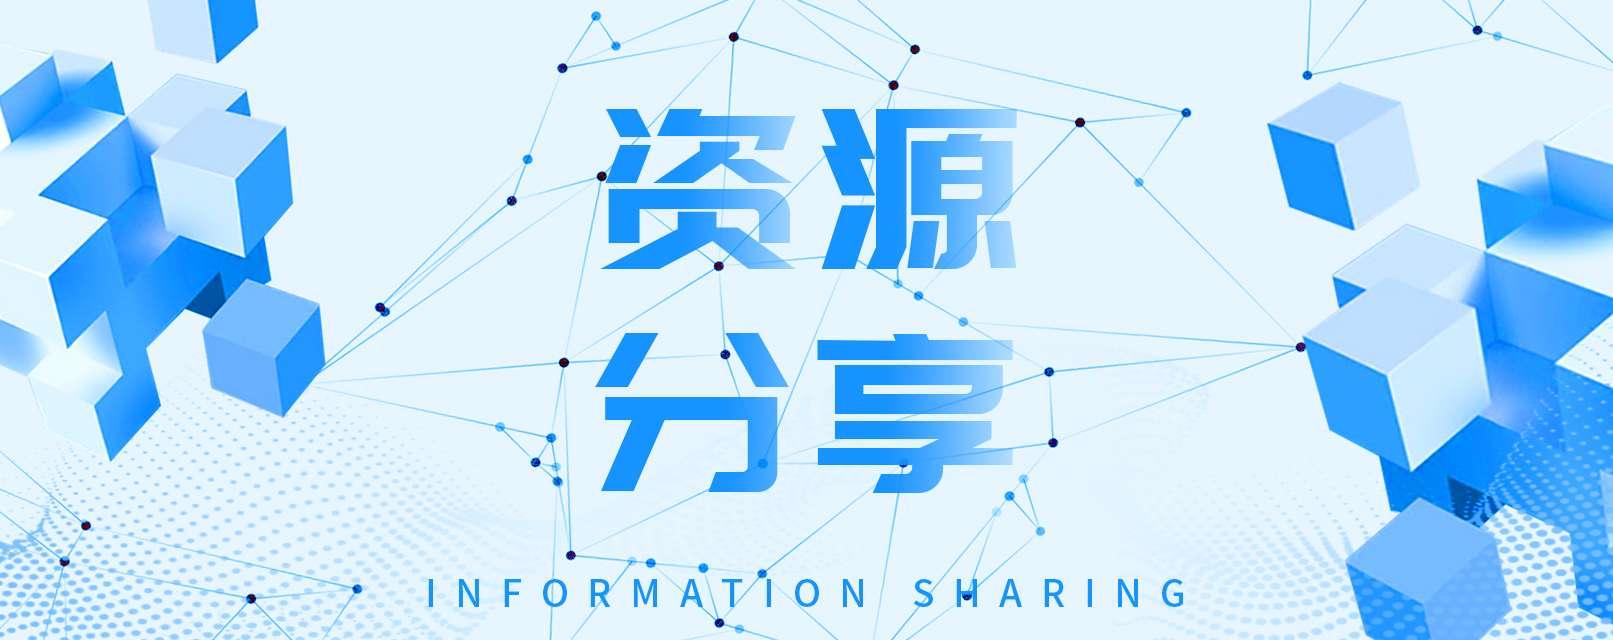 【资源分享】二维码情书生成器(表白神器)